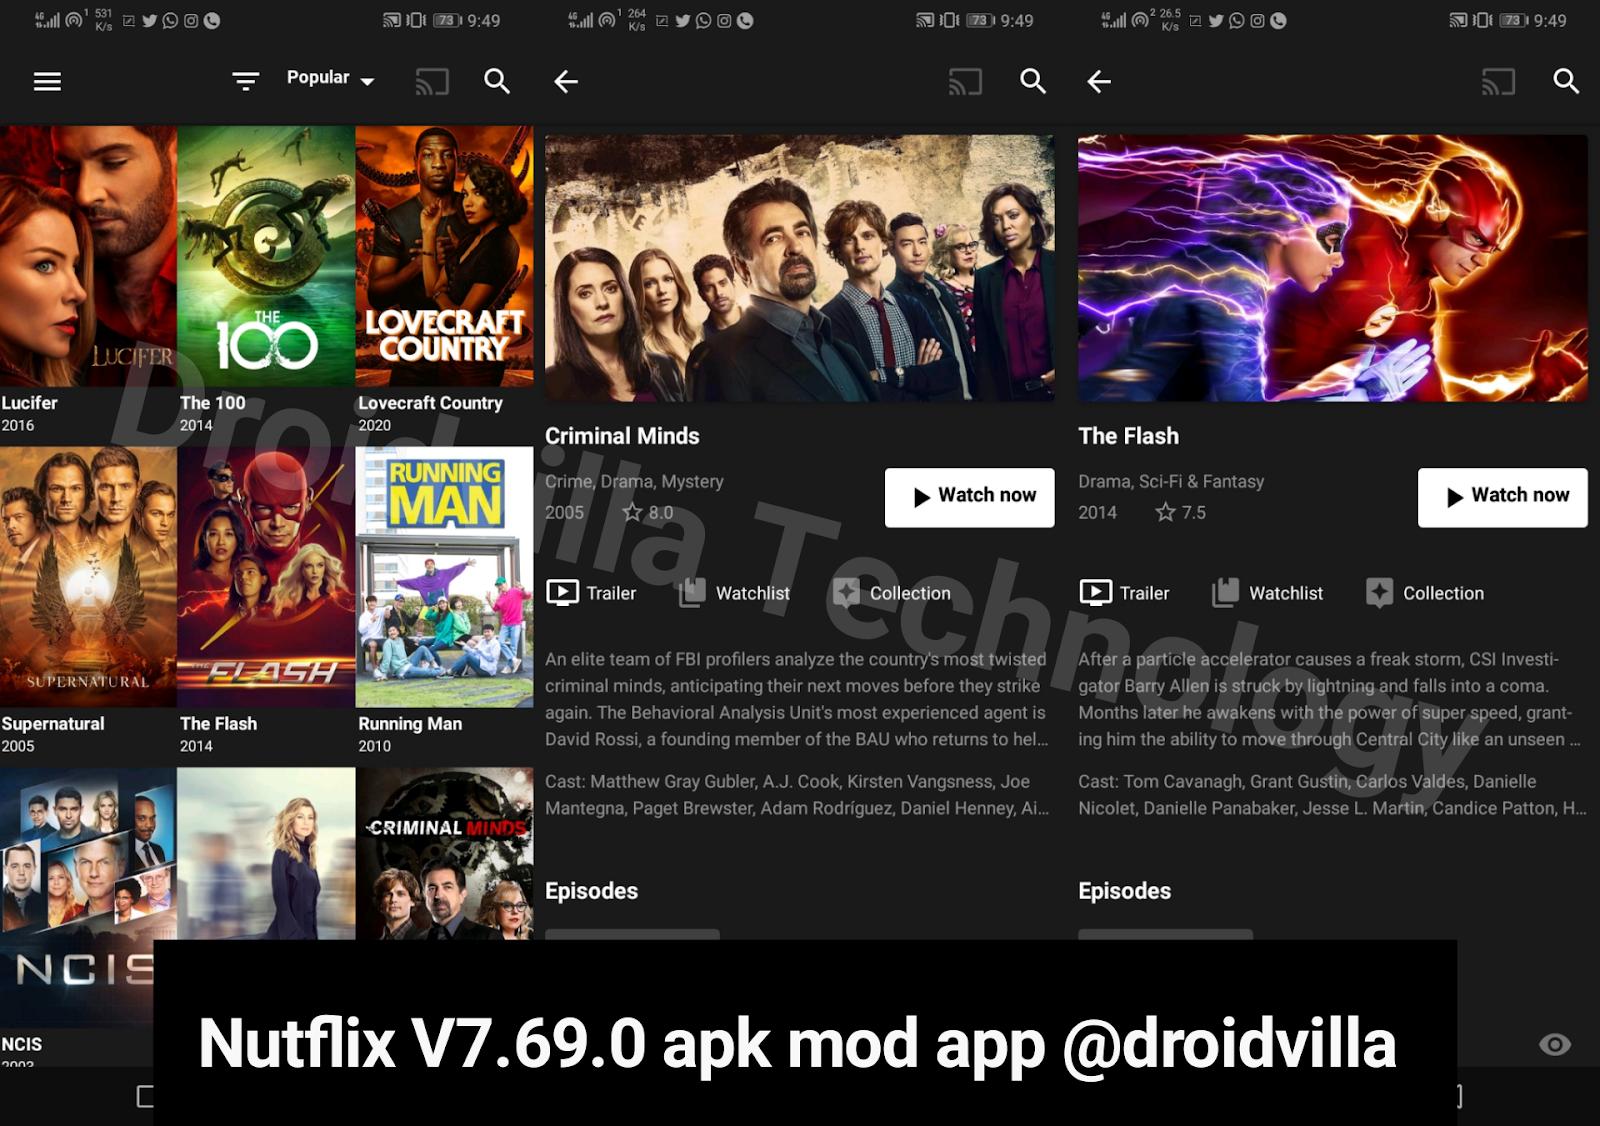 Nutflix (Netflix/Teatv) V7.69.0 apk